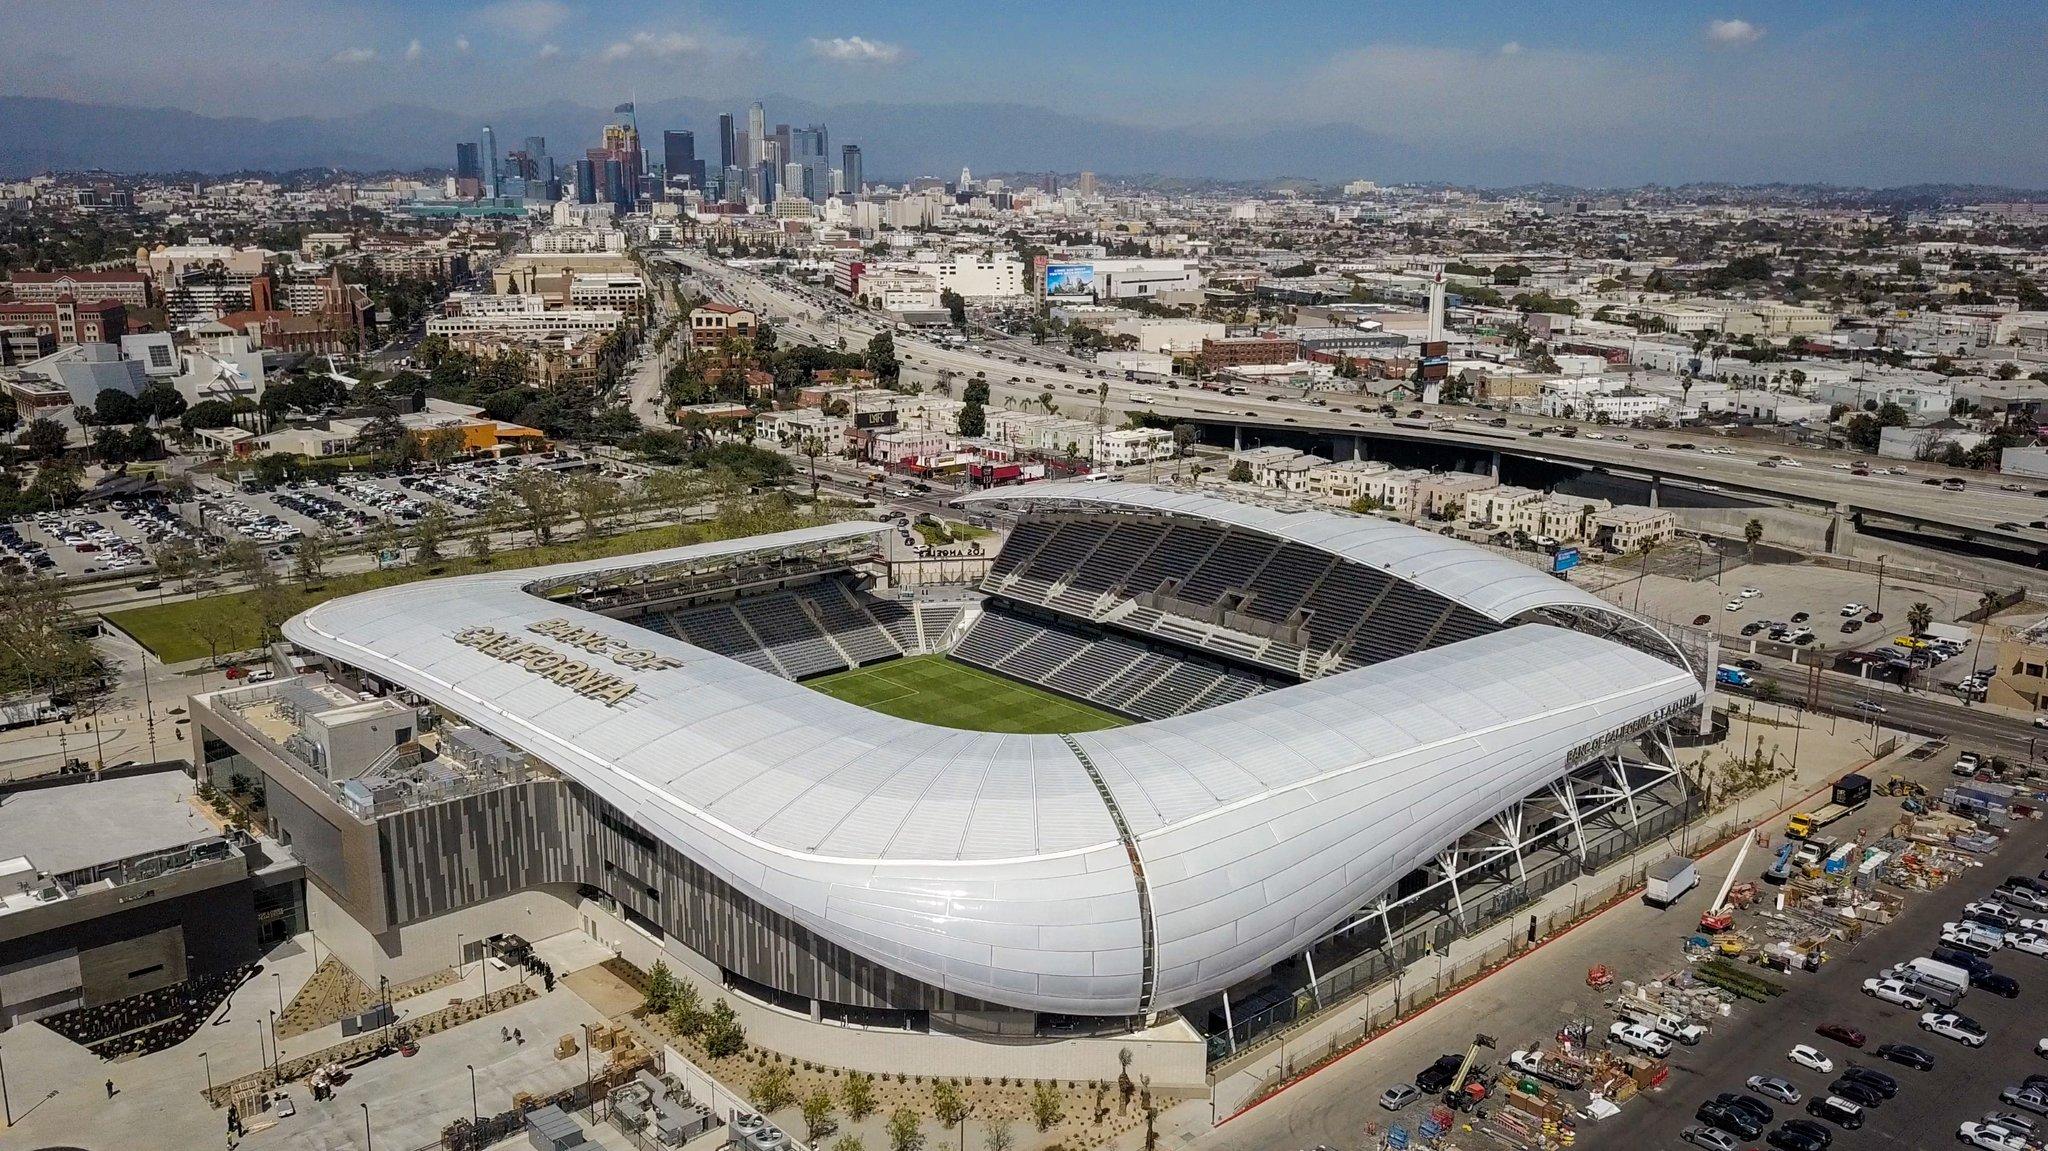 Banc of California Stadium – StadiumDB com